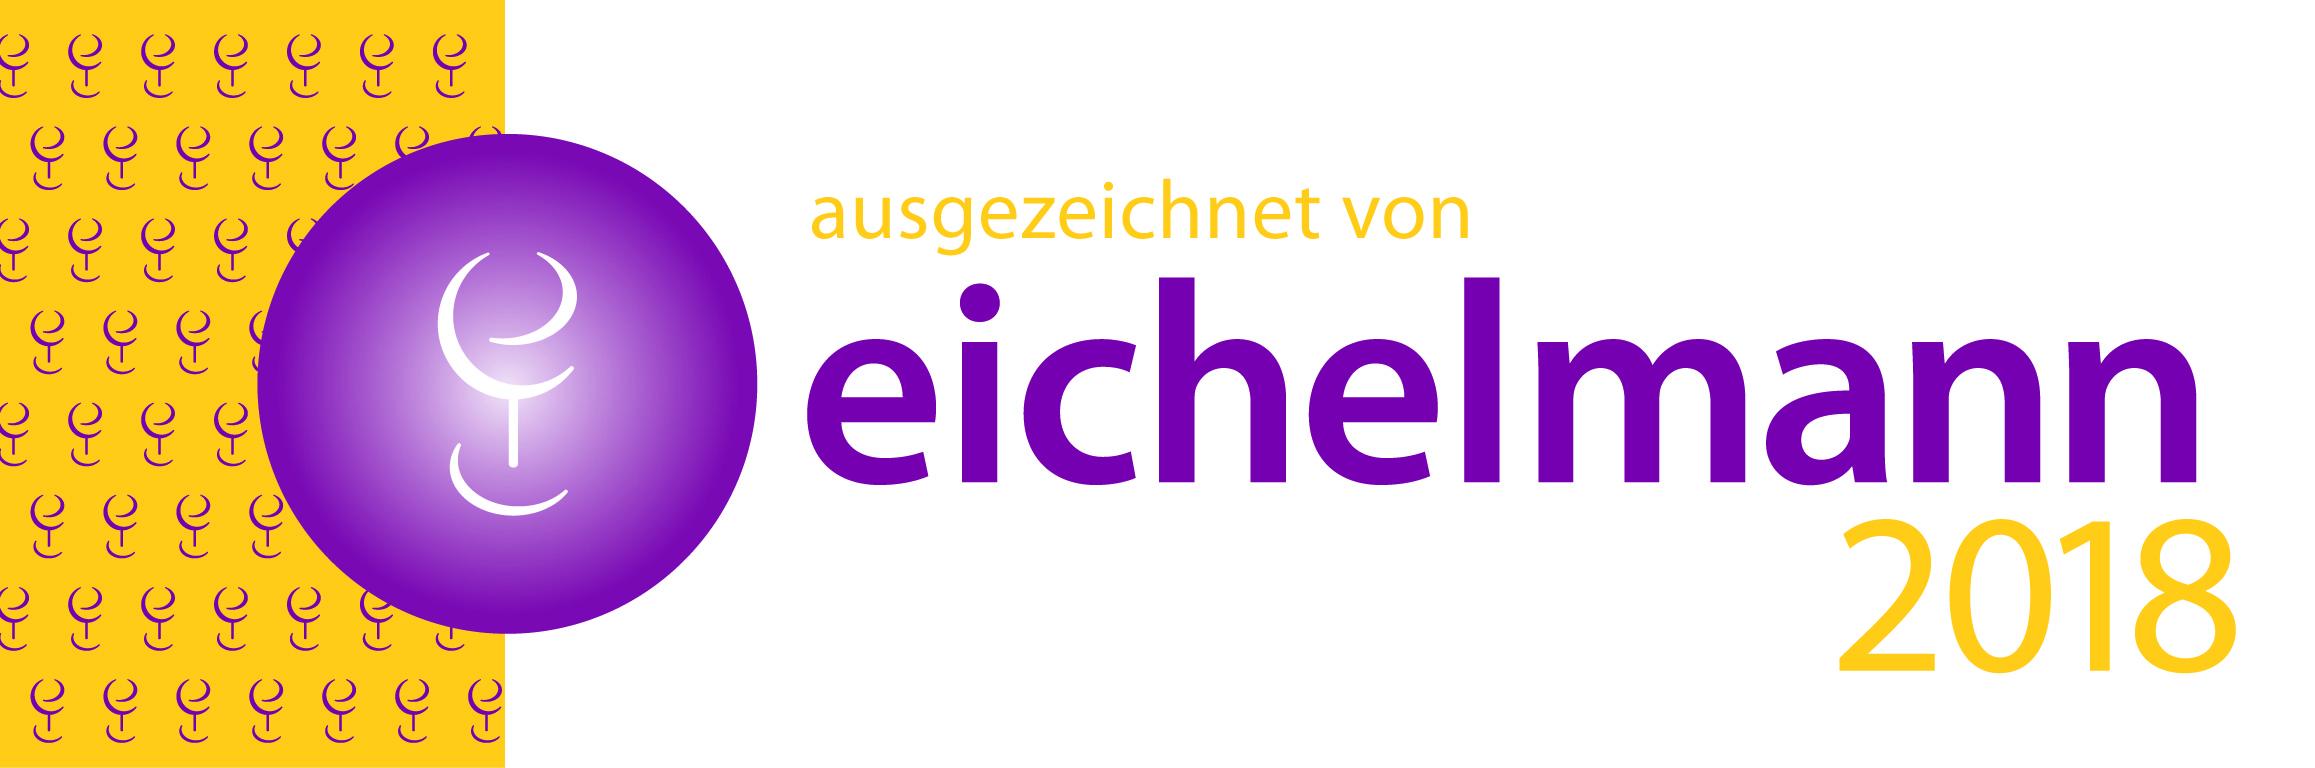 Eichelmann_Aufkleber_196x65_2018_Ansicht-01